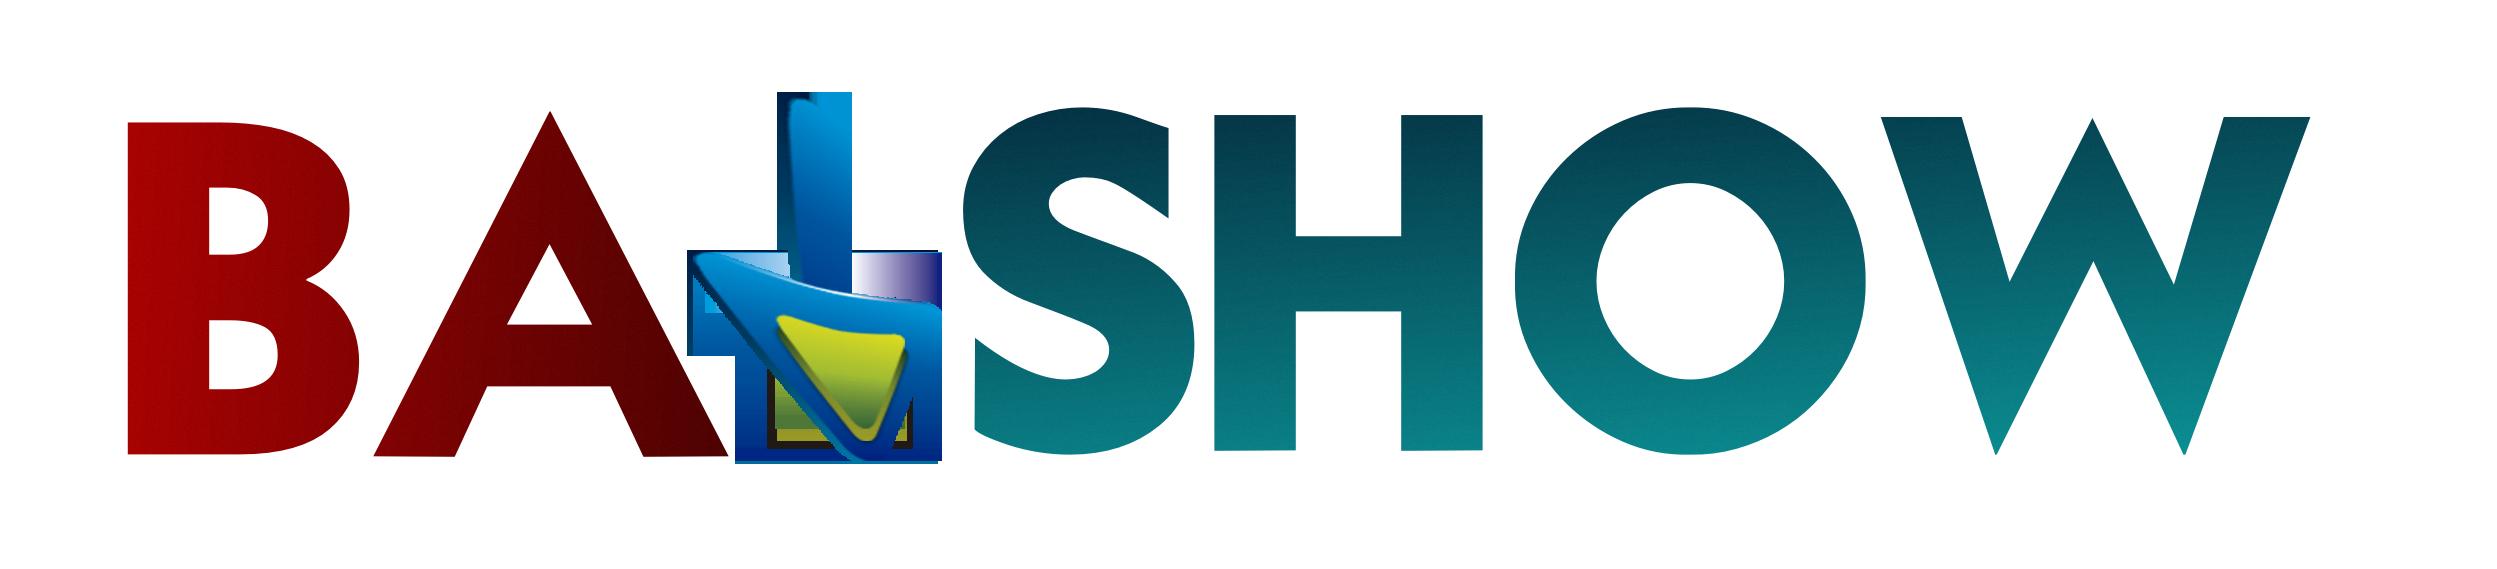 Baishow – Um show em downloads!